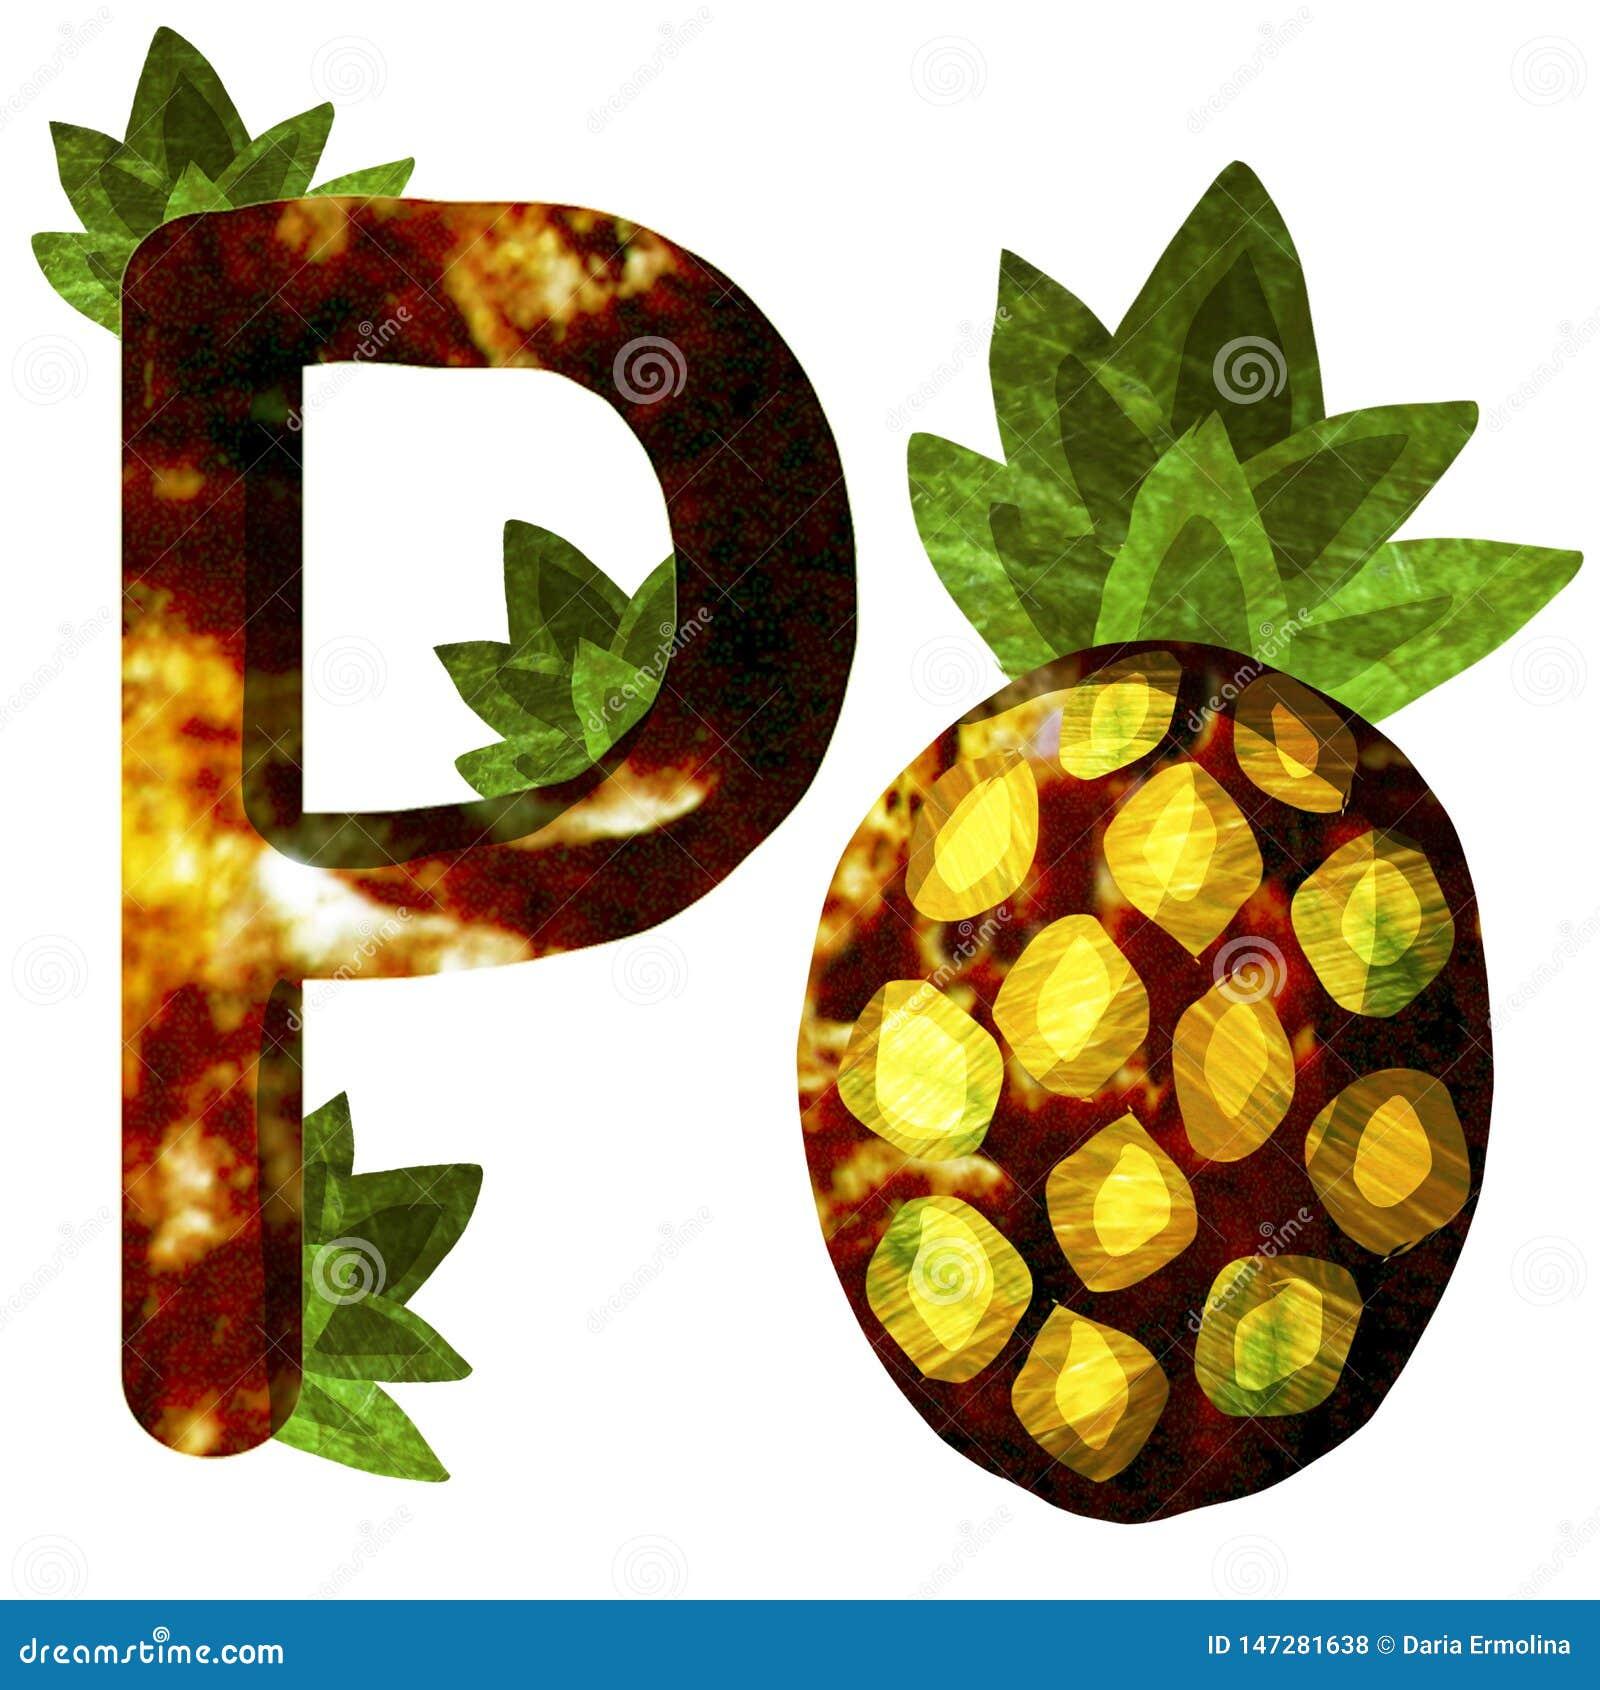 Illustratie met ananas